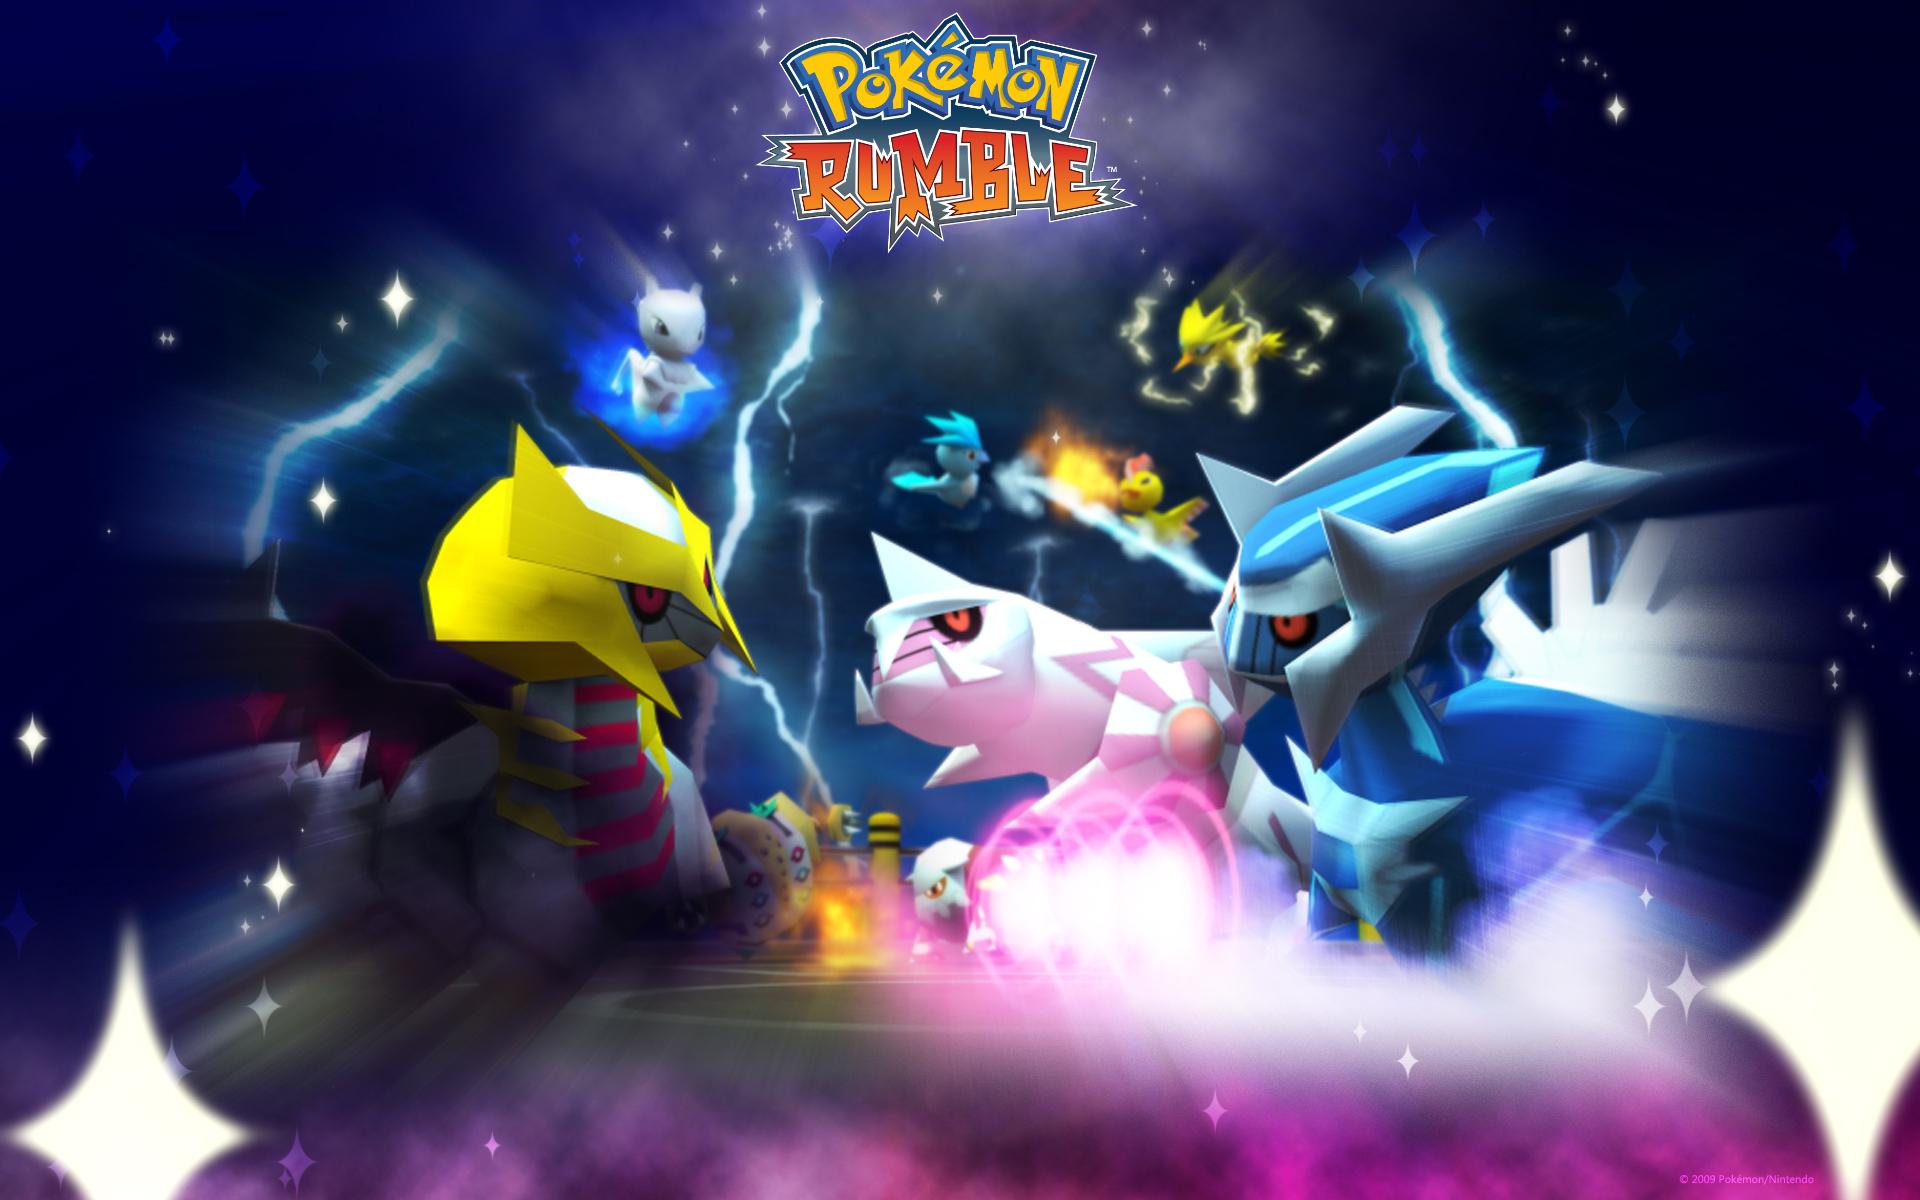 Mon Fond D Ecran Pokemon Sur Le Forum Blabla 18 25 Ans 29